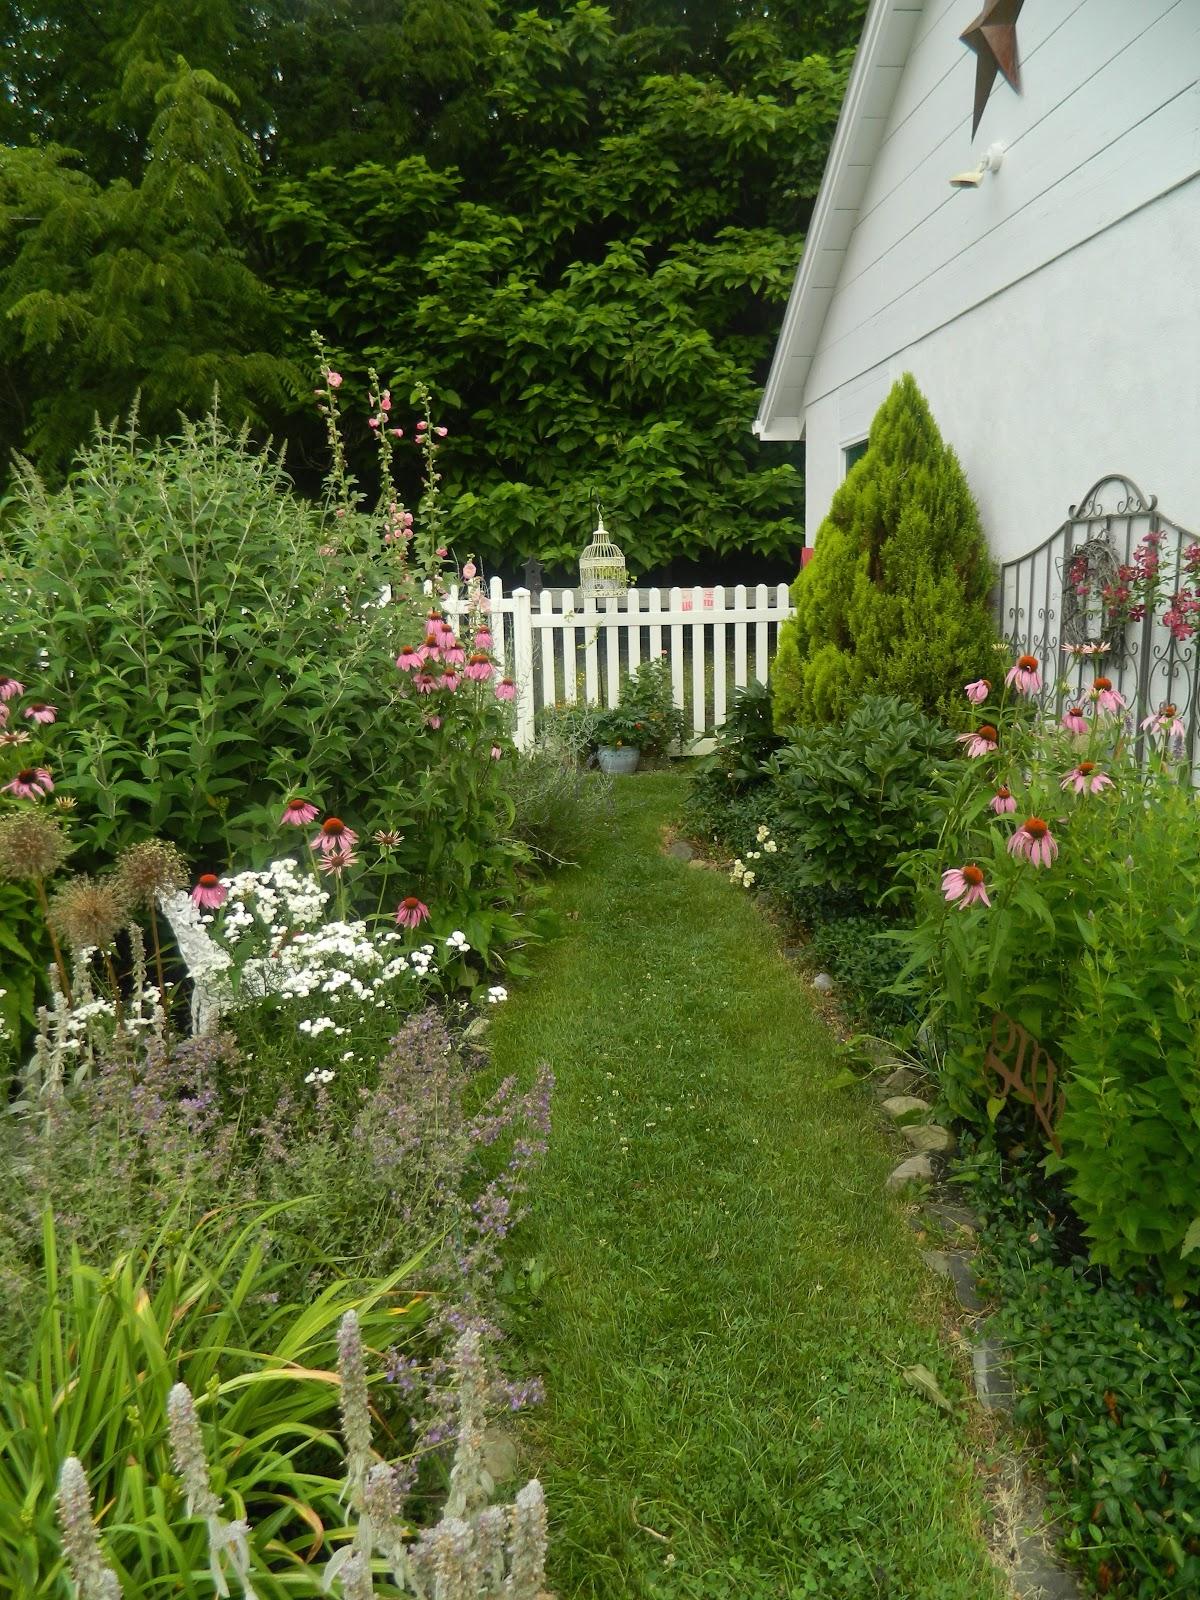 Cottage Gardens: Pam's English Cottage Garden: English Cottage Garden Style